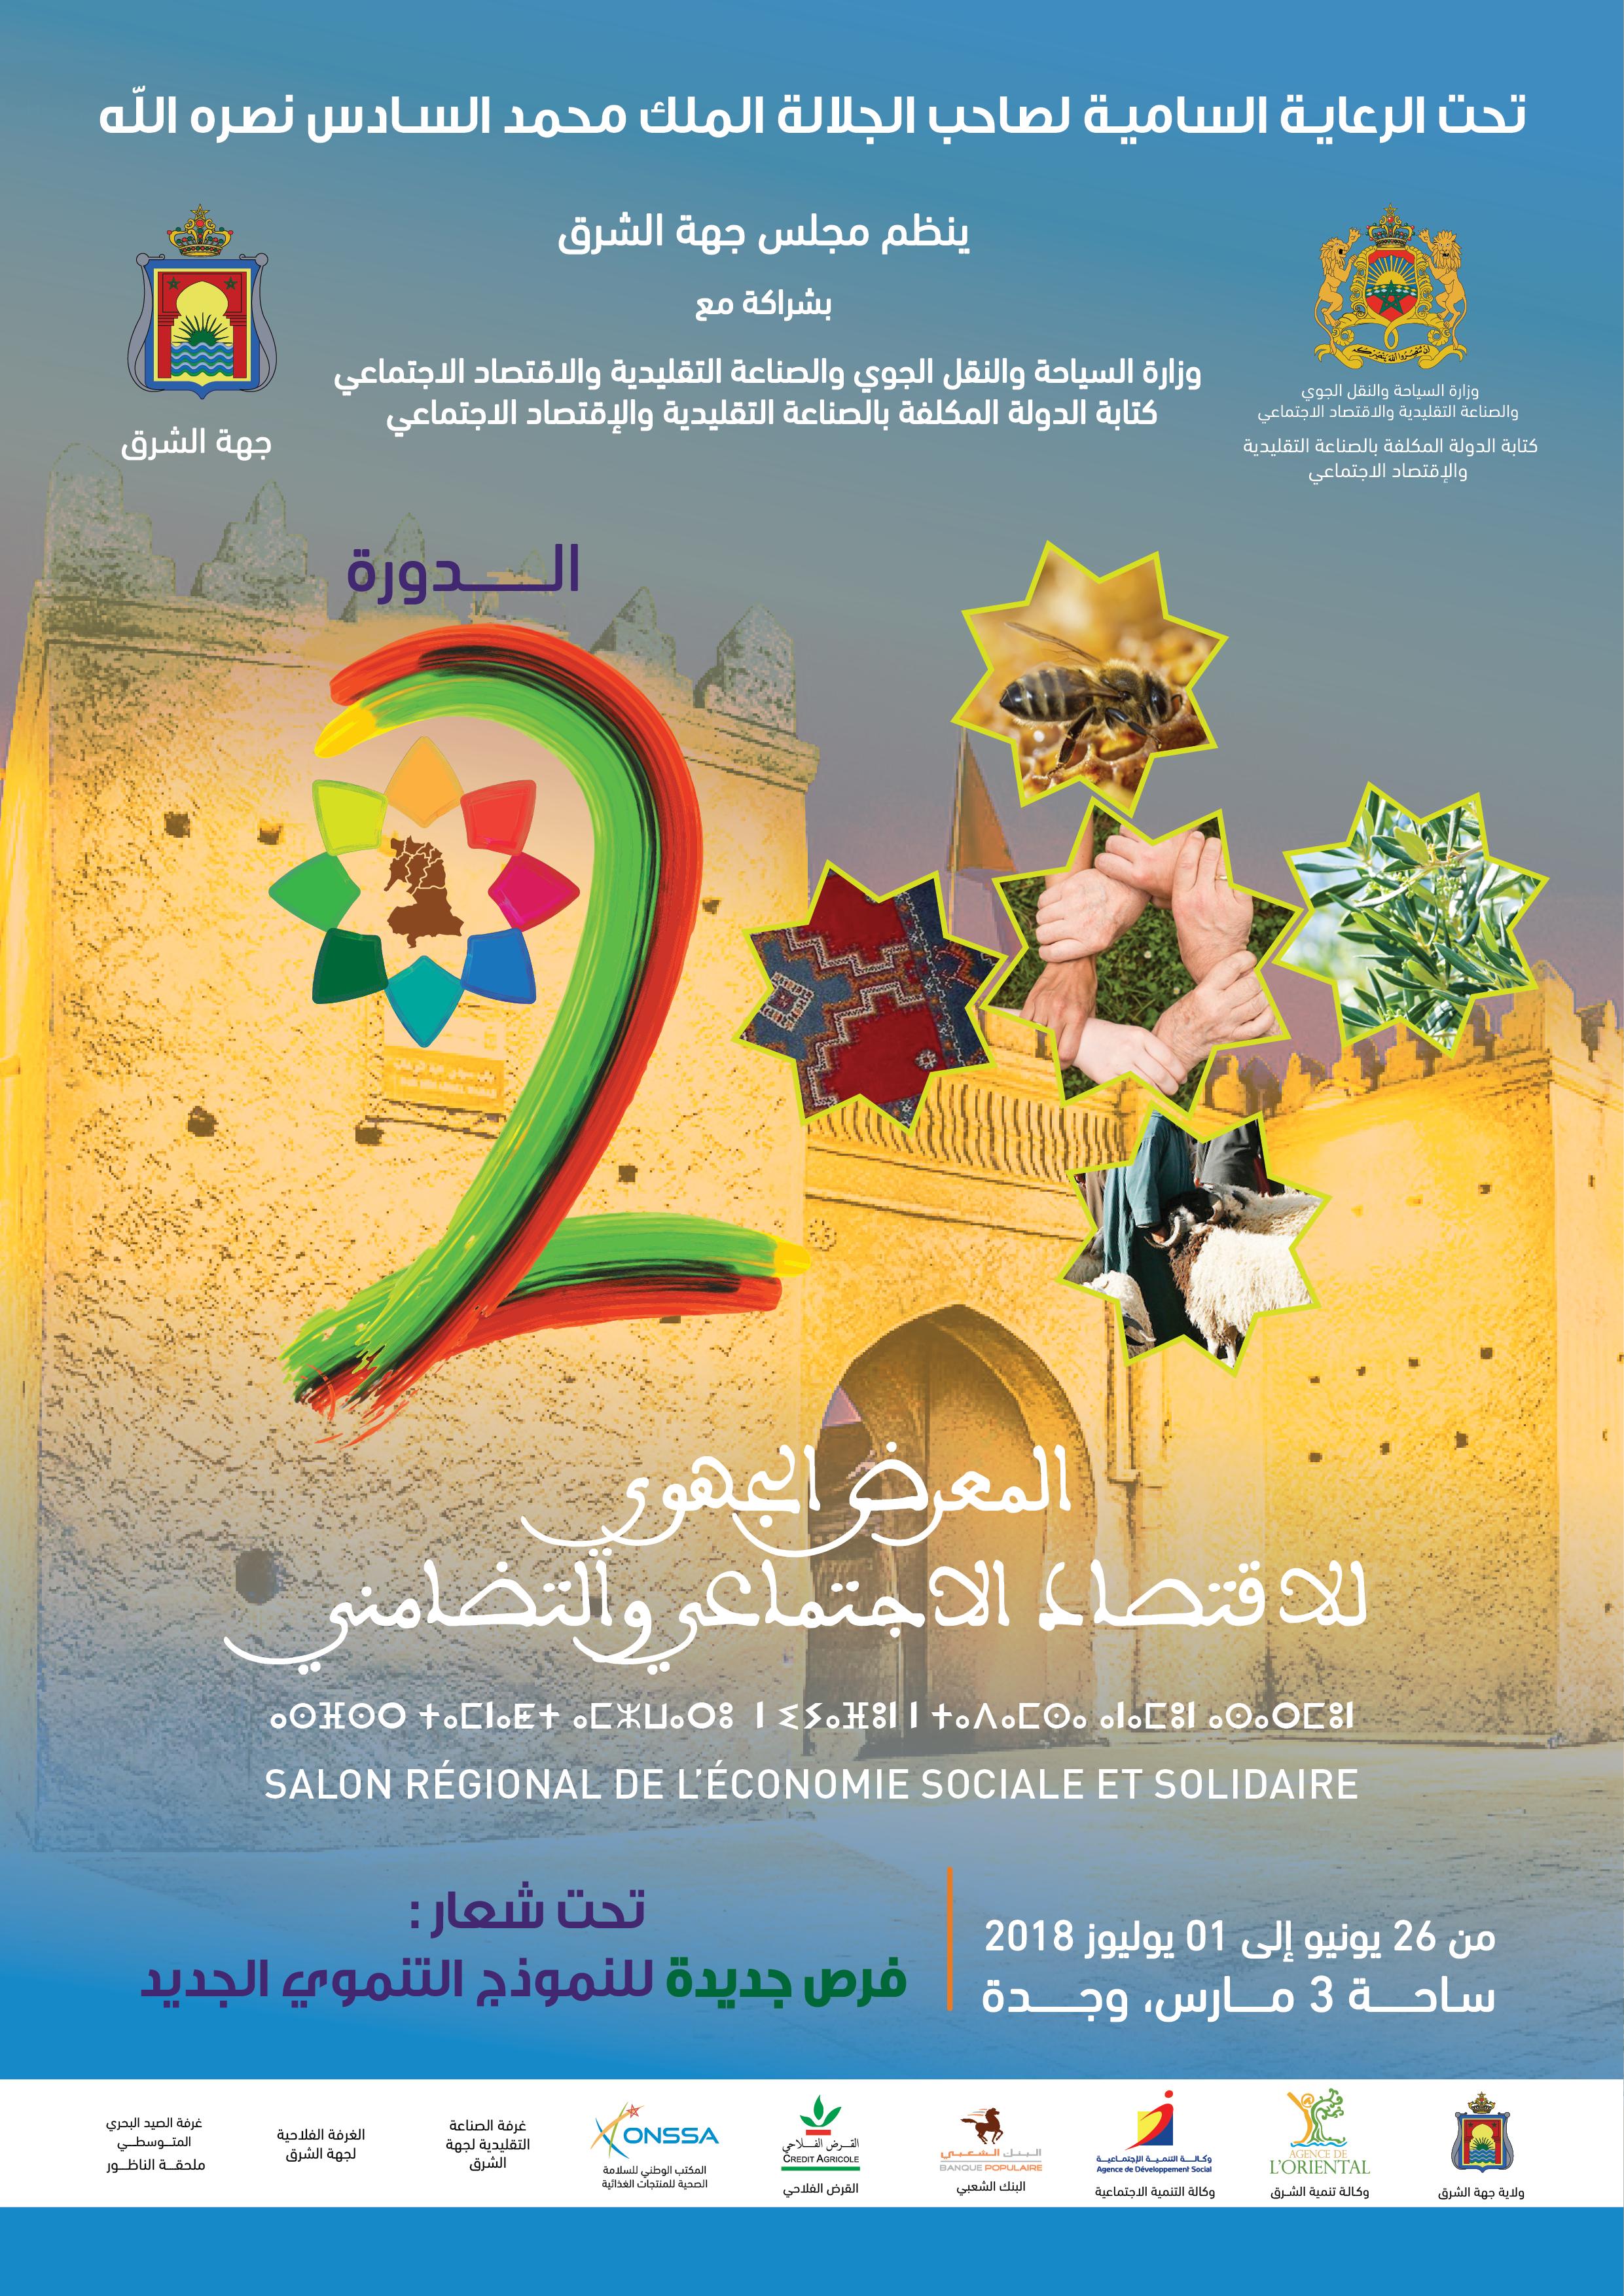 بمشاركة ناظورية: تنظيم الدورة الثانية للمعرض الجهوي للاقتصاد الاجتماعي والتضامني بوجدة